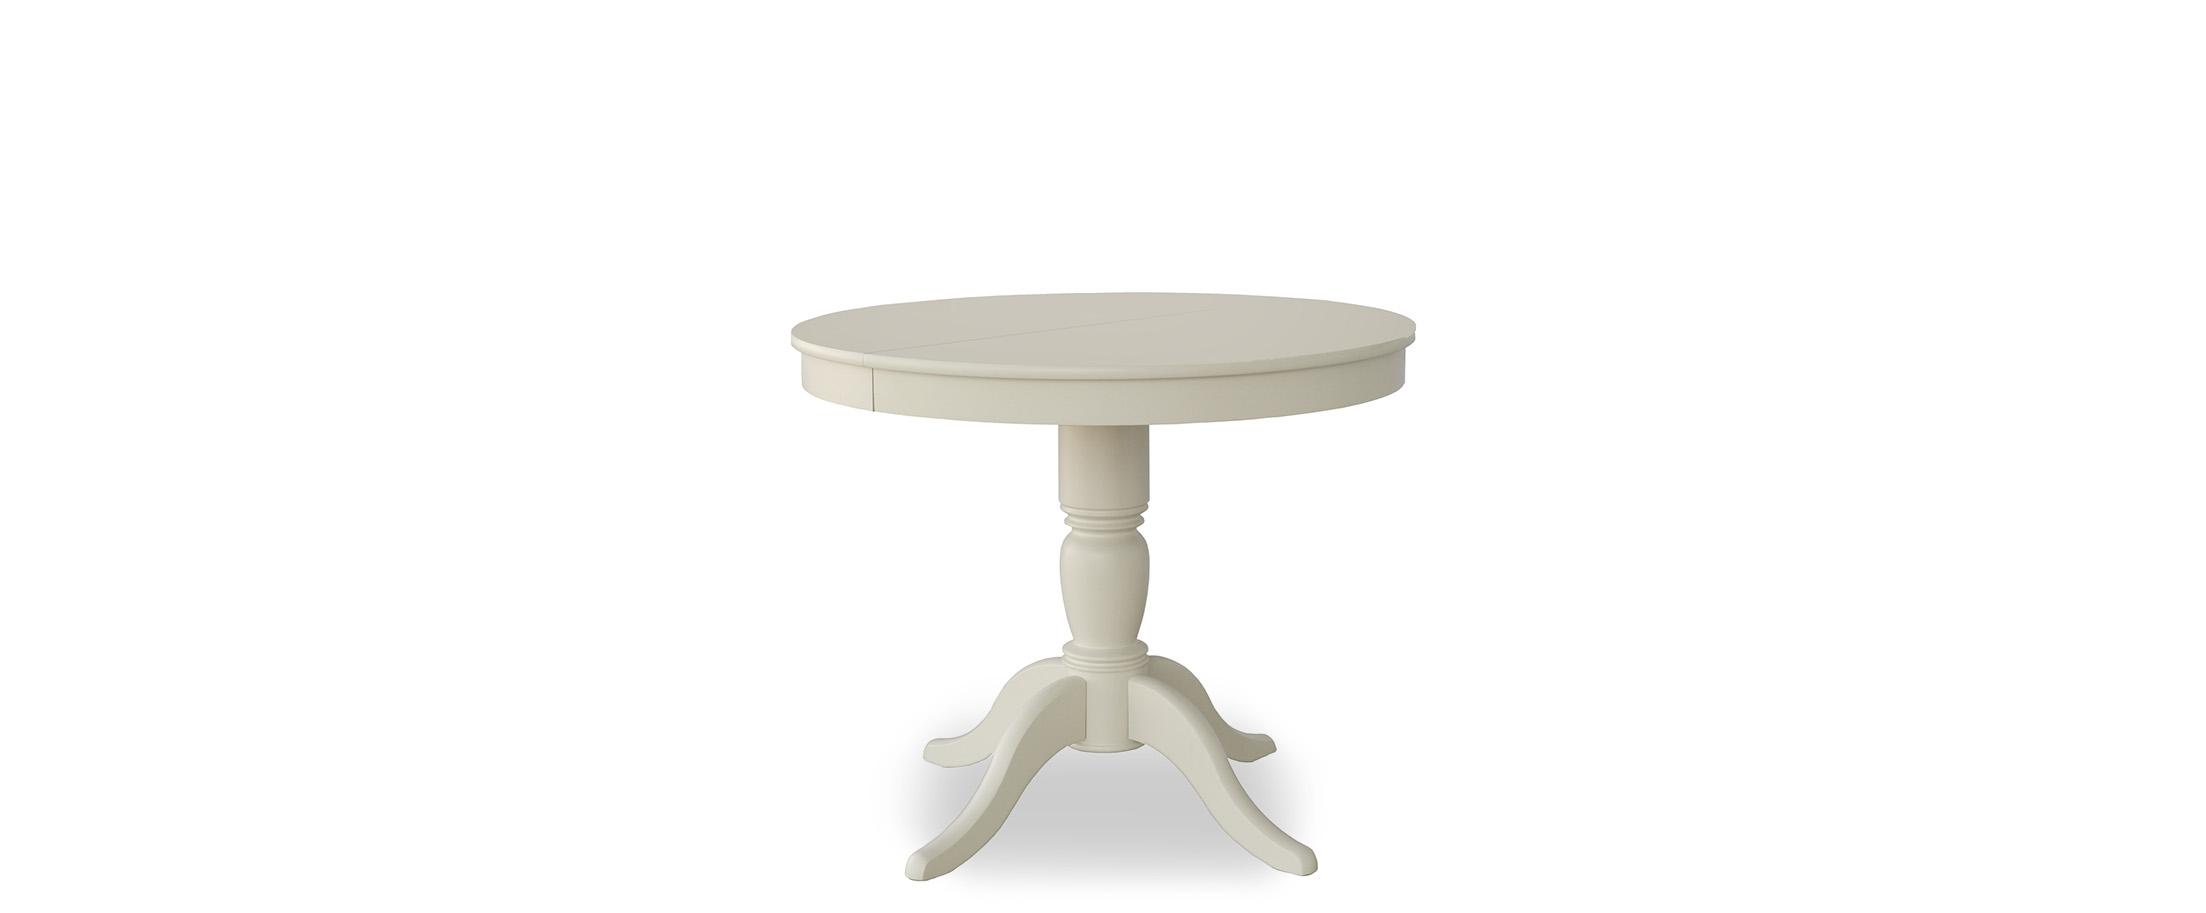 Стол Фламинго 1 Слоновая кость Модель 370 от MOON TRADE